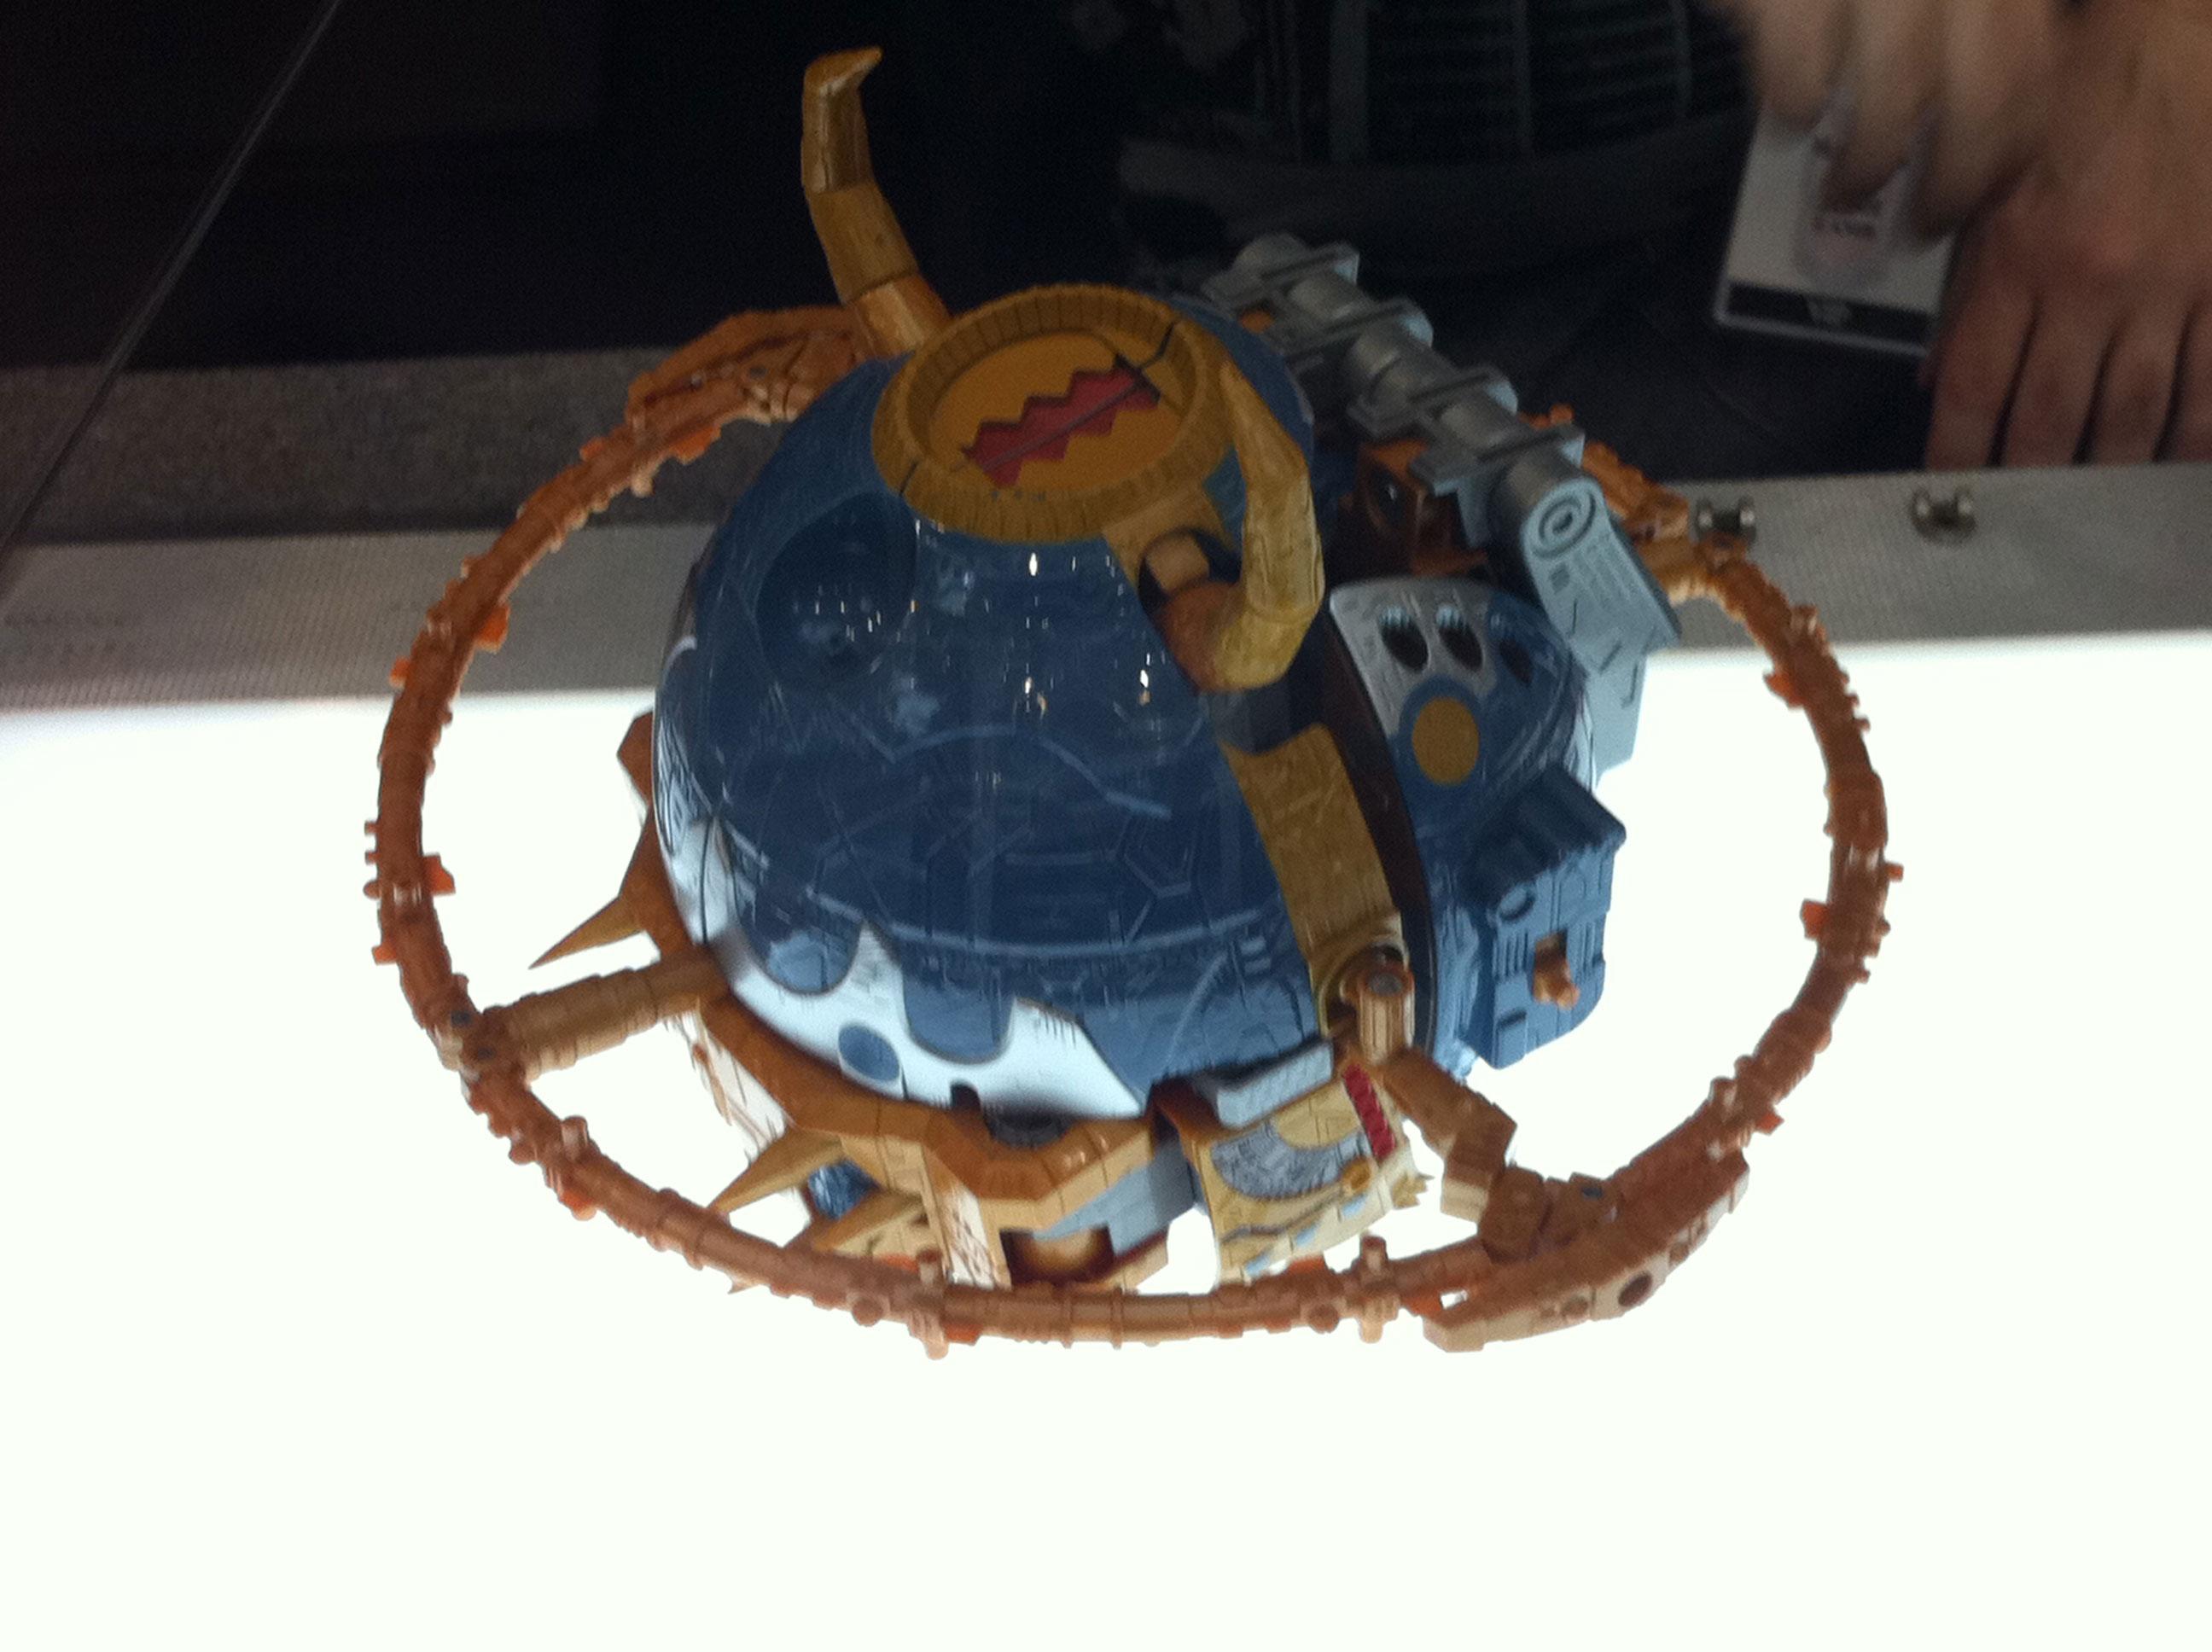 Jouet Unicron G1 (25e anniversaire) par Hasbro | Unicron 2010 par Takara Tomy Amazon-Exclusive-Unicron-06_1307217367